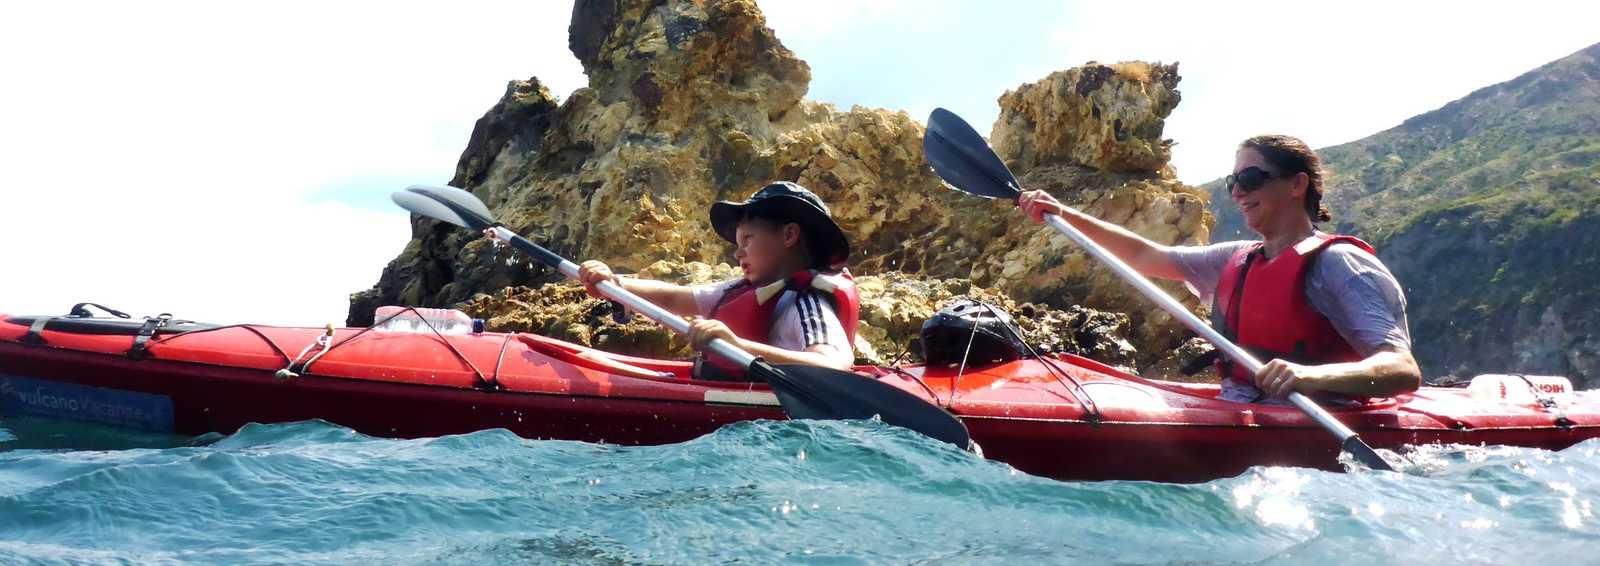 Kayaking Sicily